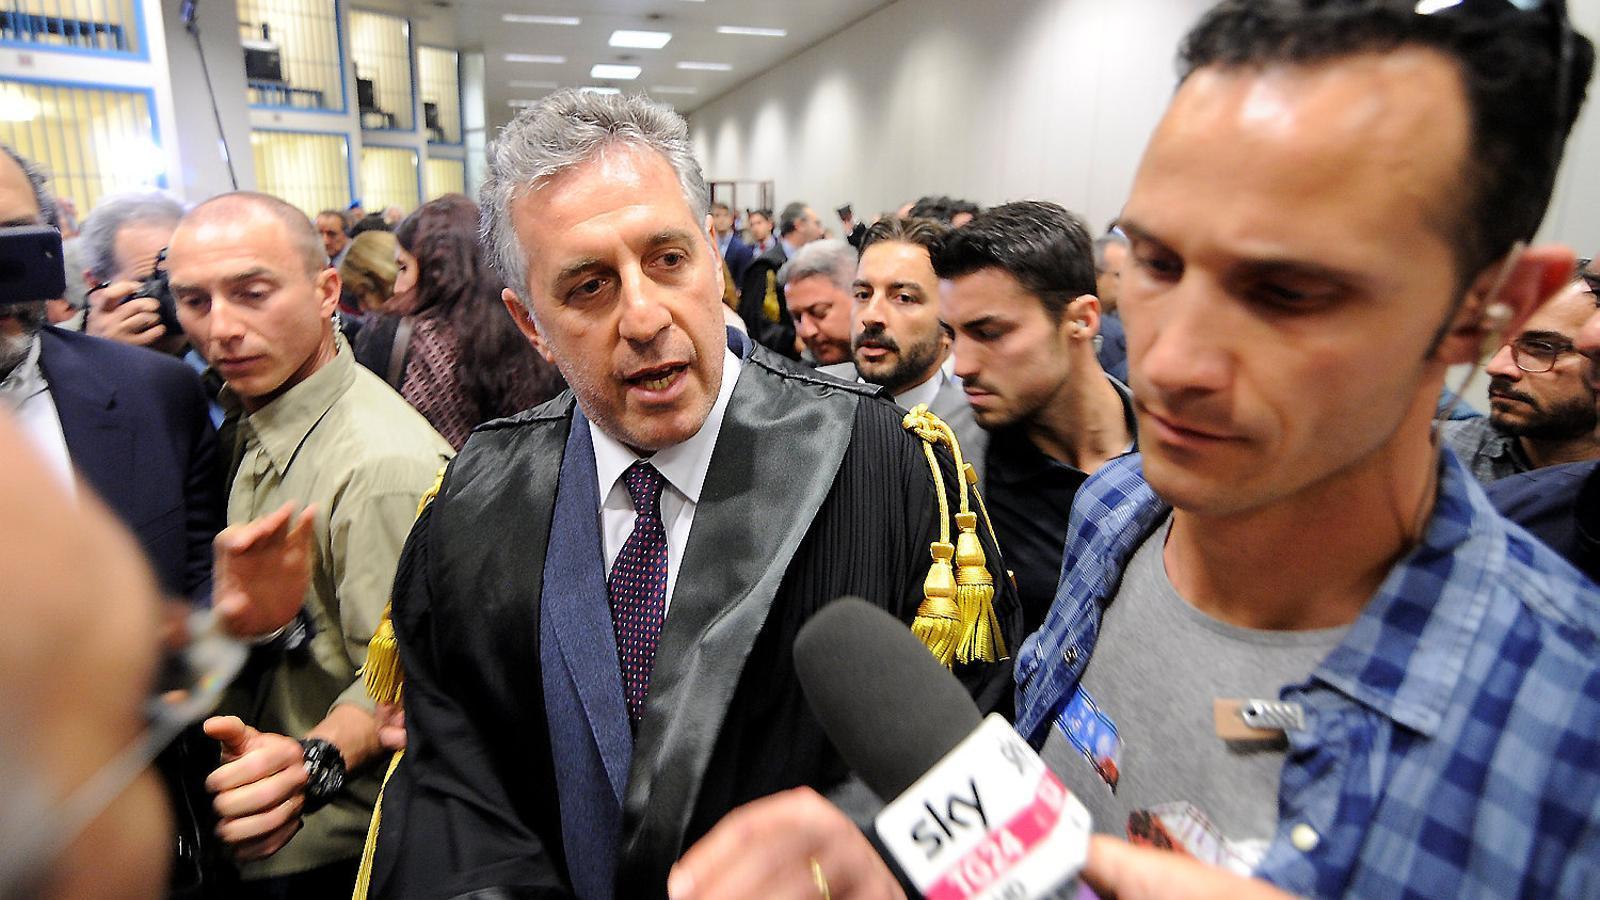 El fiscal Antonino di Matteo parla amb la premsa després de la històrica sentència d'ahir a Palerm.